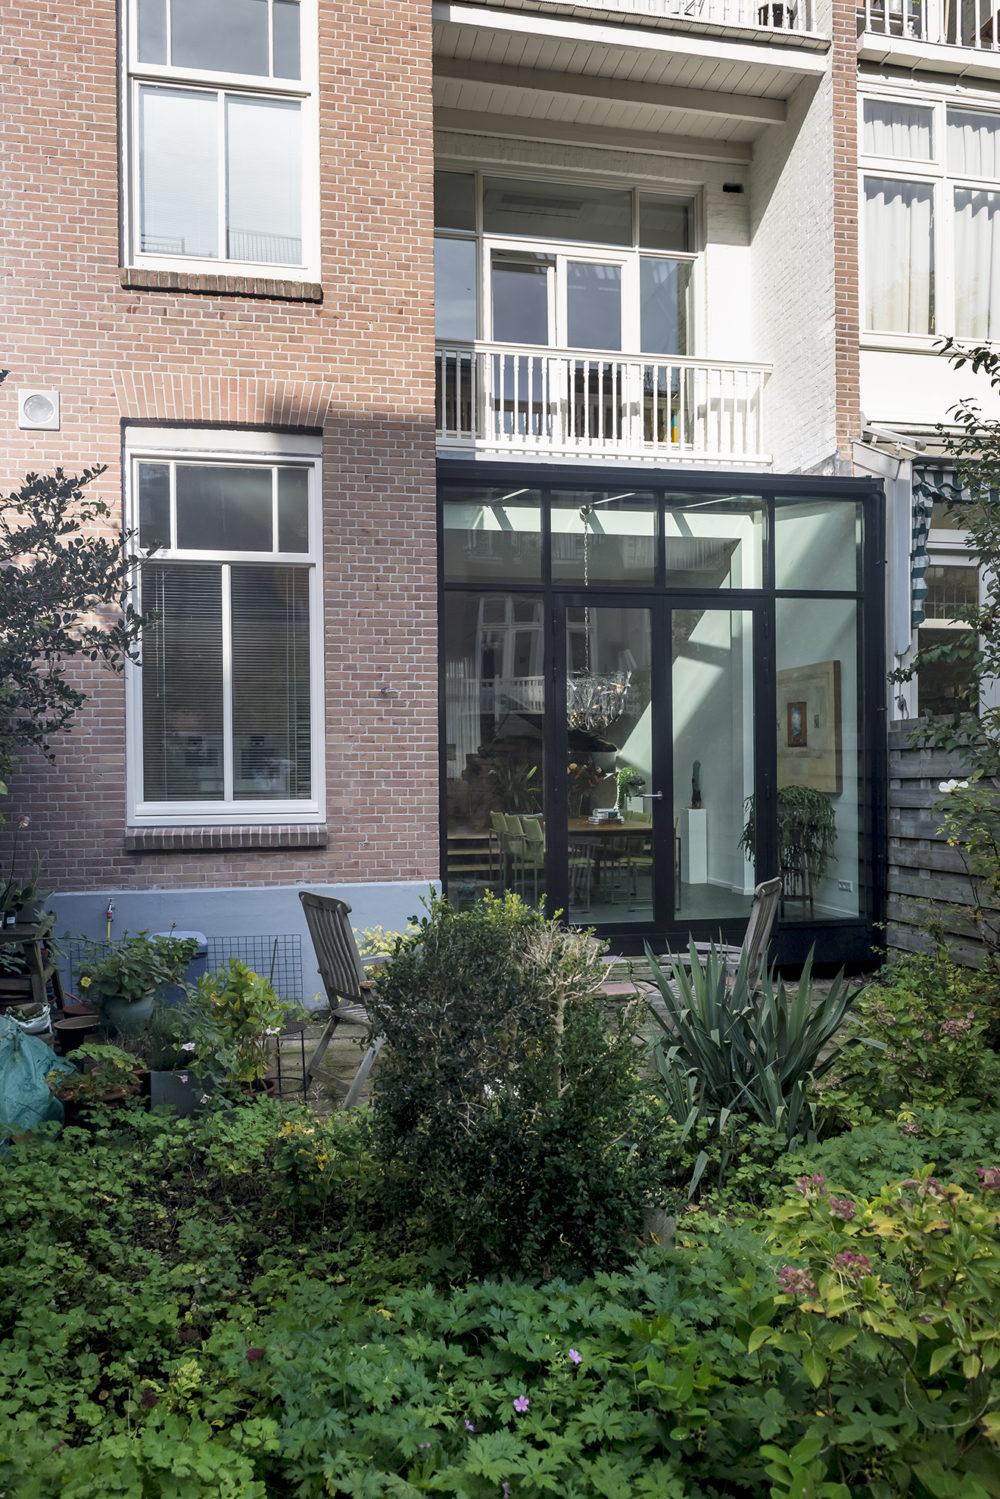 Verbouwing woonhuis amsterdam zuid gietermans van dijk Interieurarchitecten en interieuradvies amsterdam